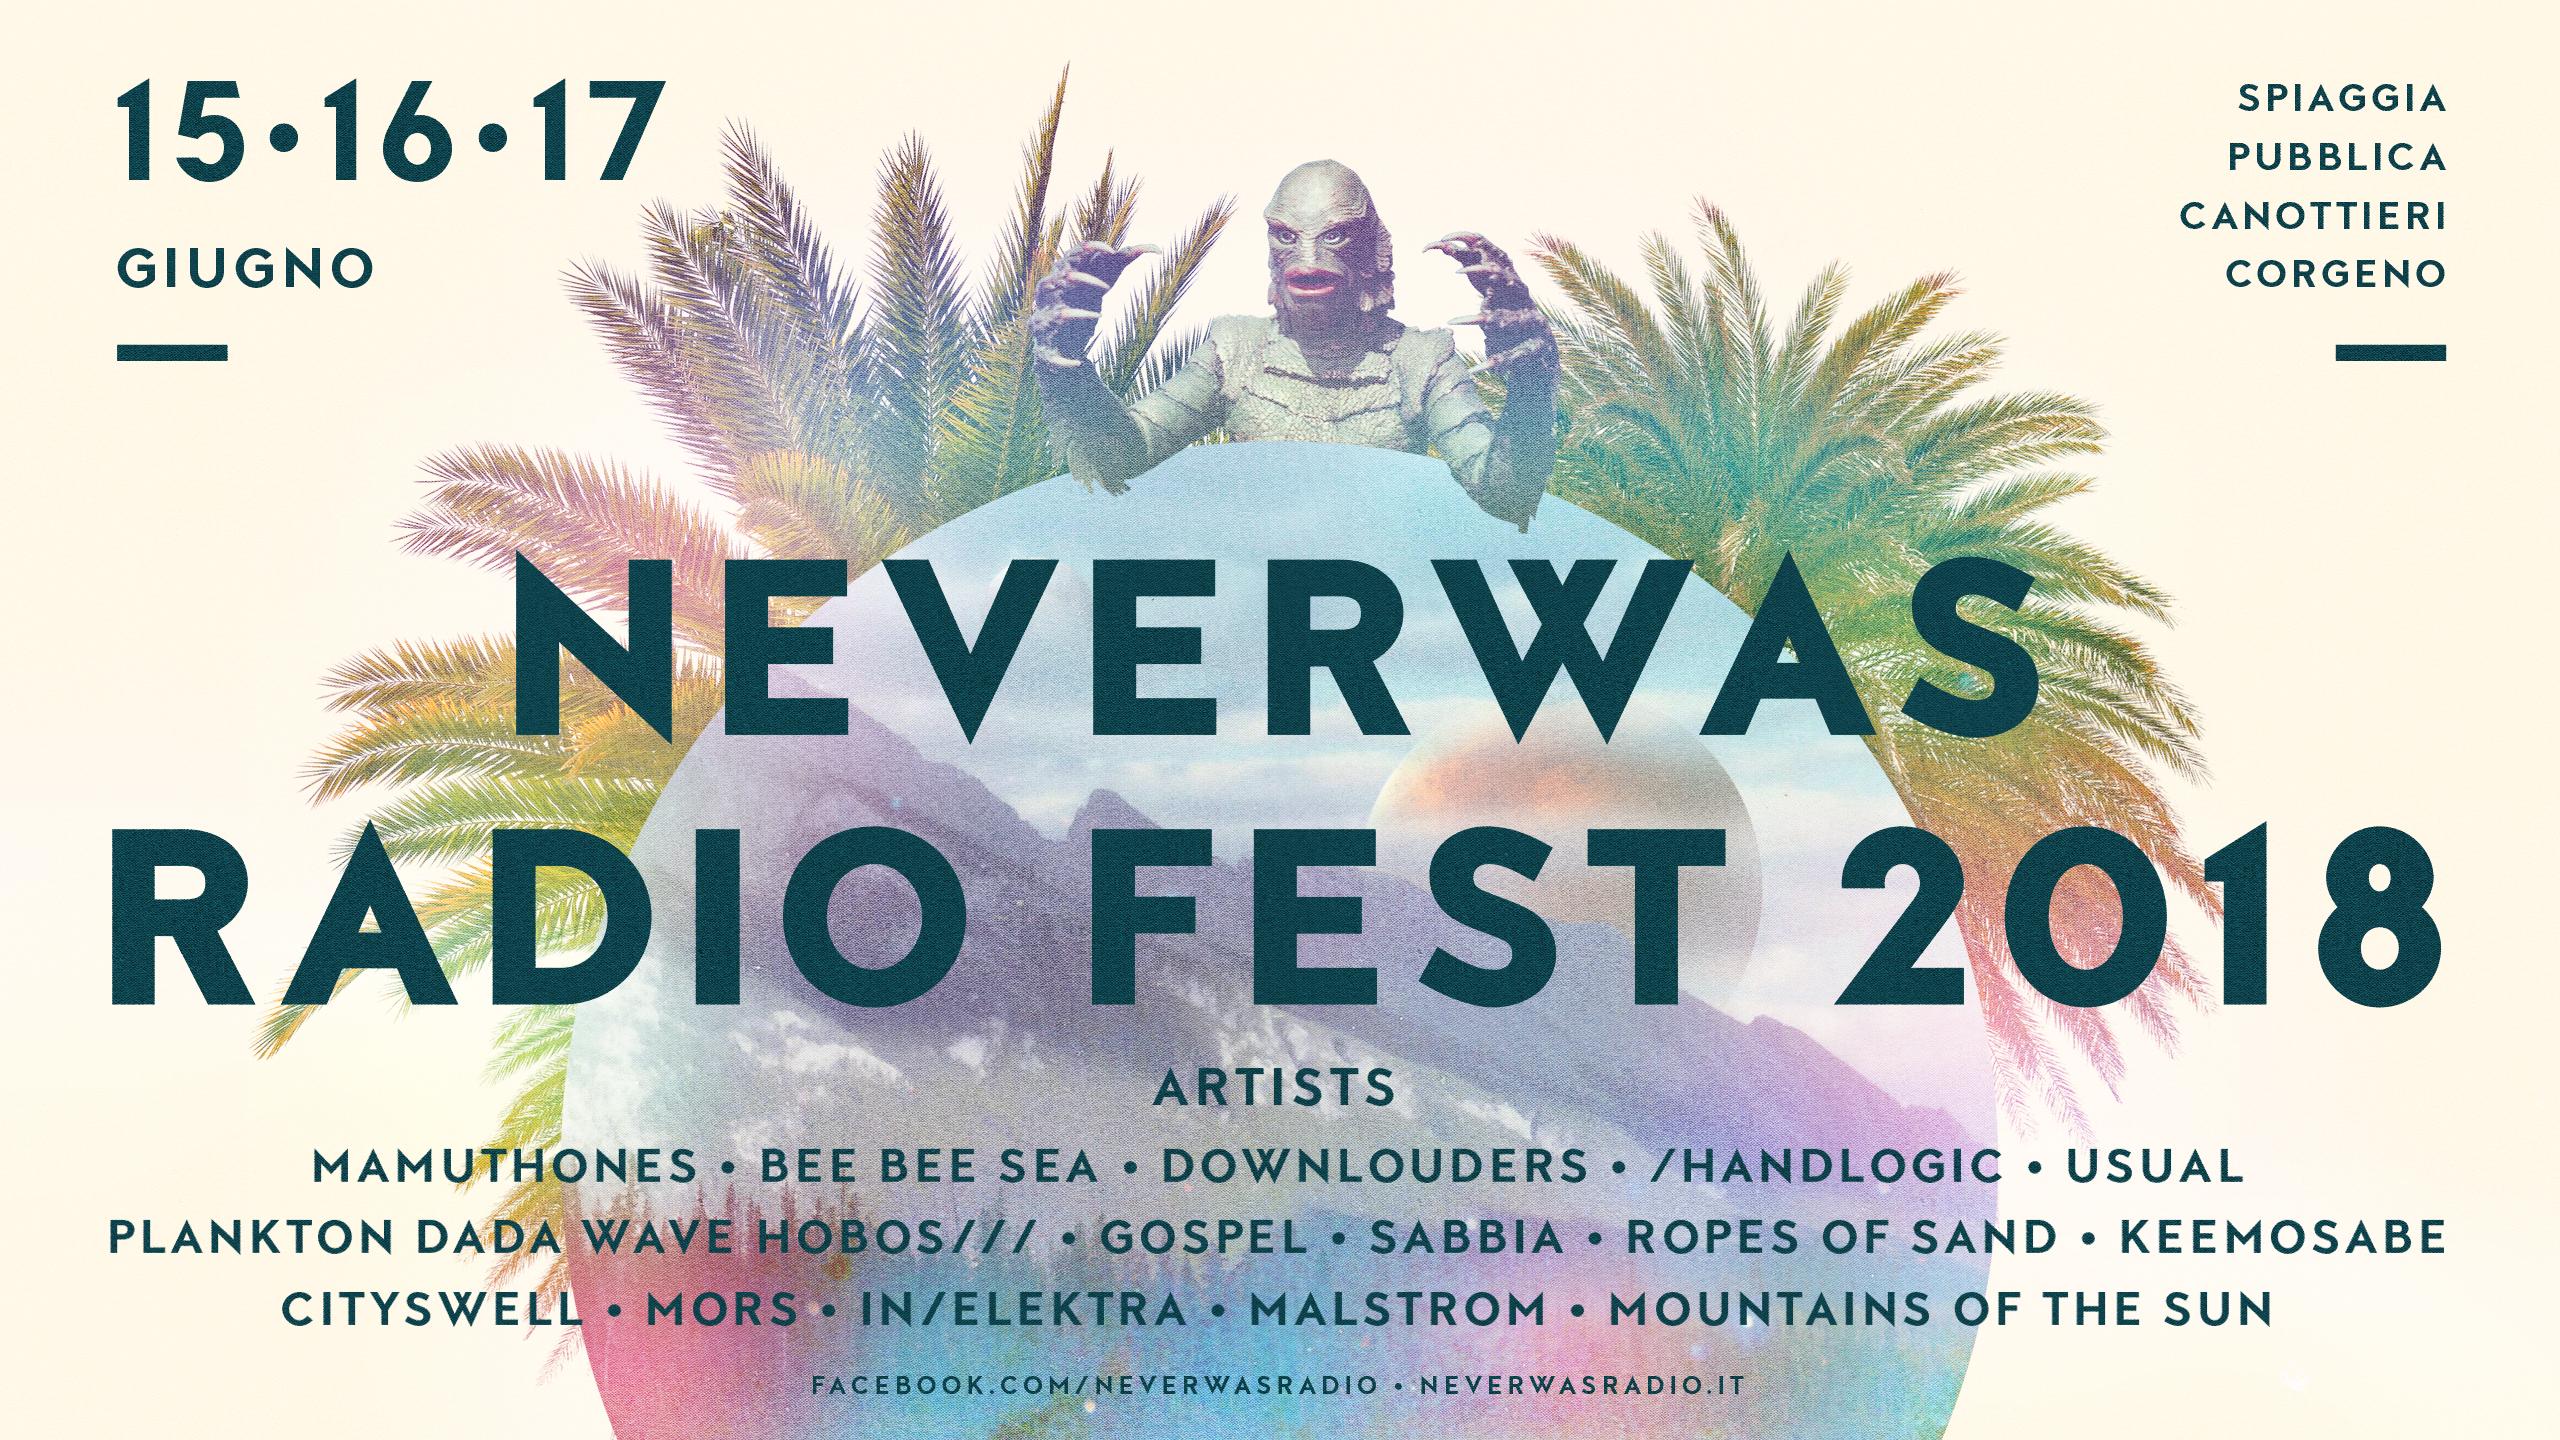 Ecco svelata la line up completa del NeverWas Radio Fest in programma il 15 16 e il 17 giugno nella spiaggia pubblica di Corgeno, Vergiate